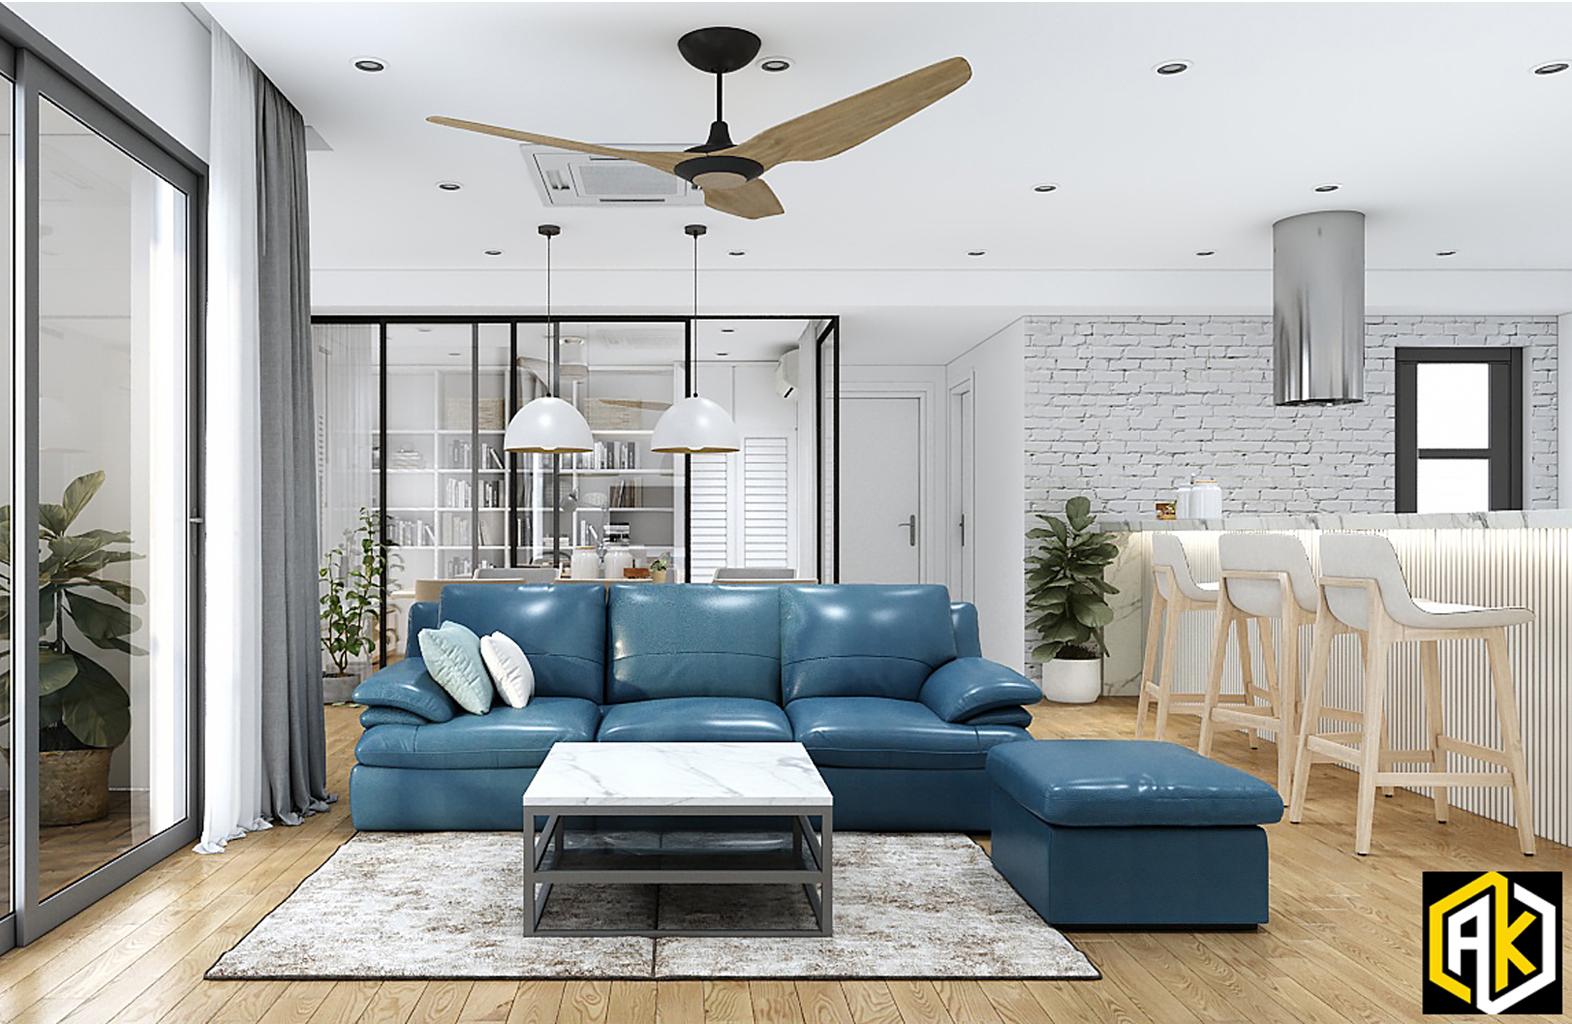 Thiết kế nội thất căn hộ chung cư 77m2